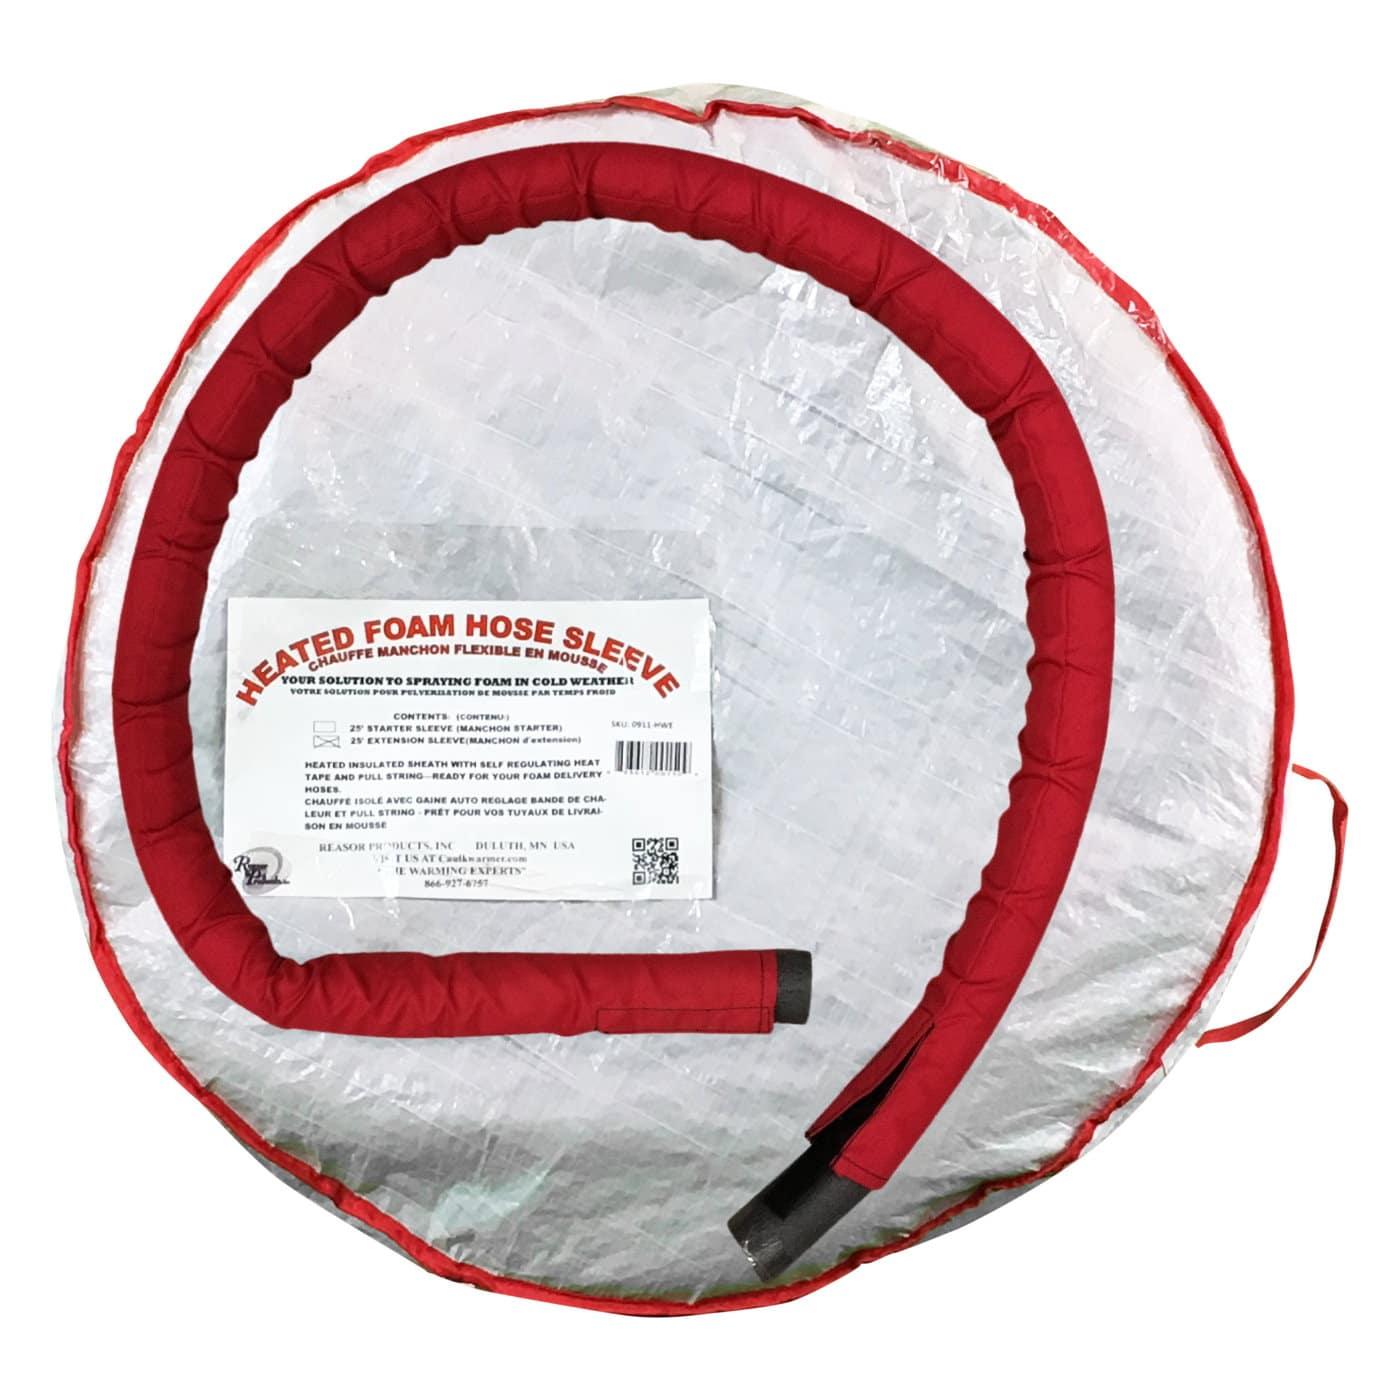 Heated Foam Hose Extension Warming Sleeve 25 Feet Long W